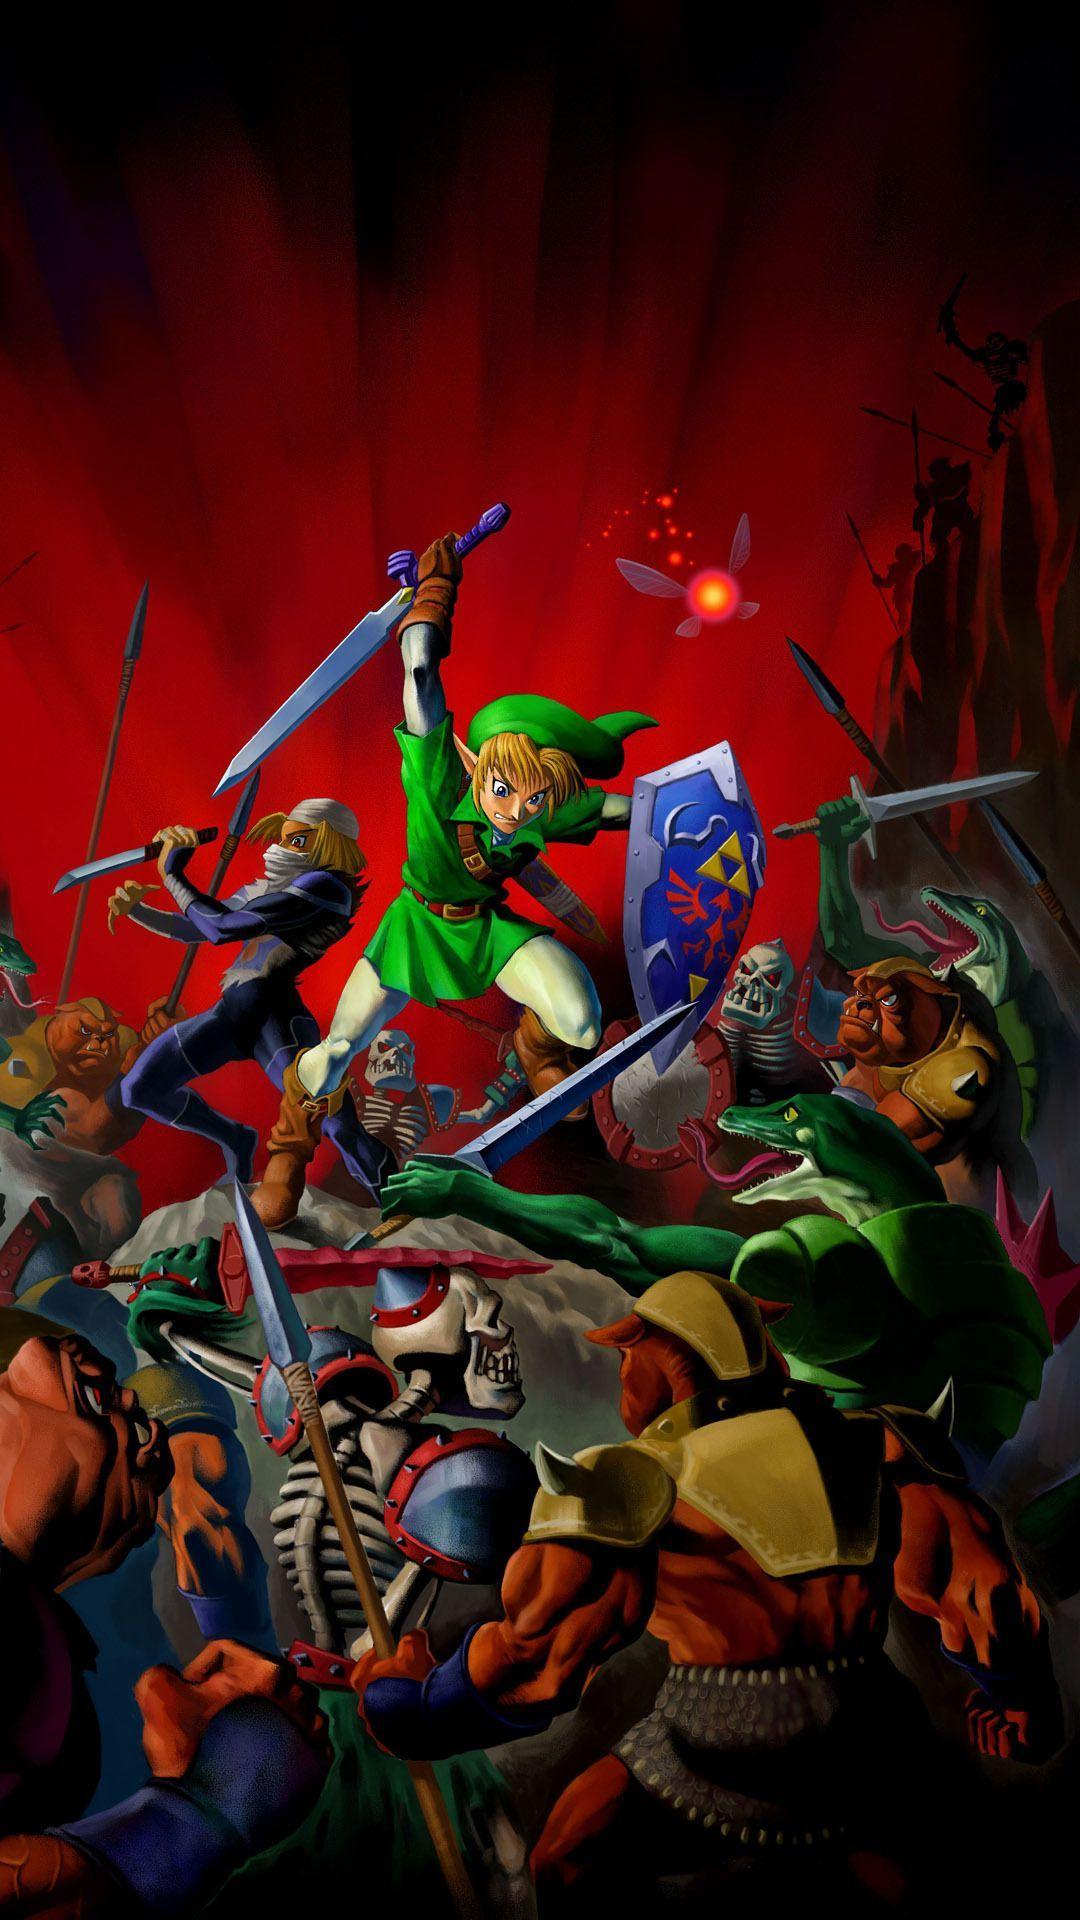 Legend Of Zelda Ocarina Of Time Image Legend Of Zelda Ocarina Of Time Mask Pictures